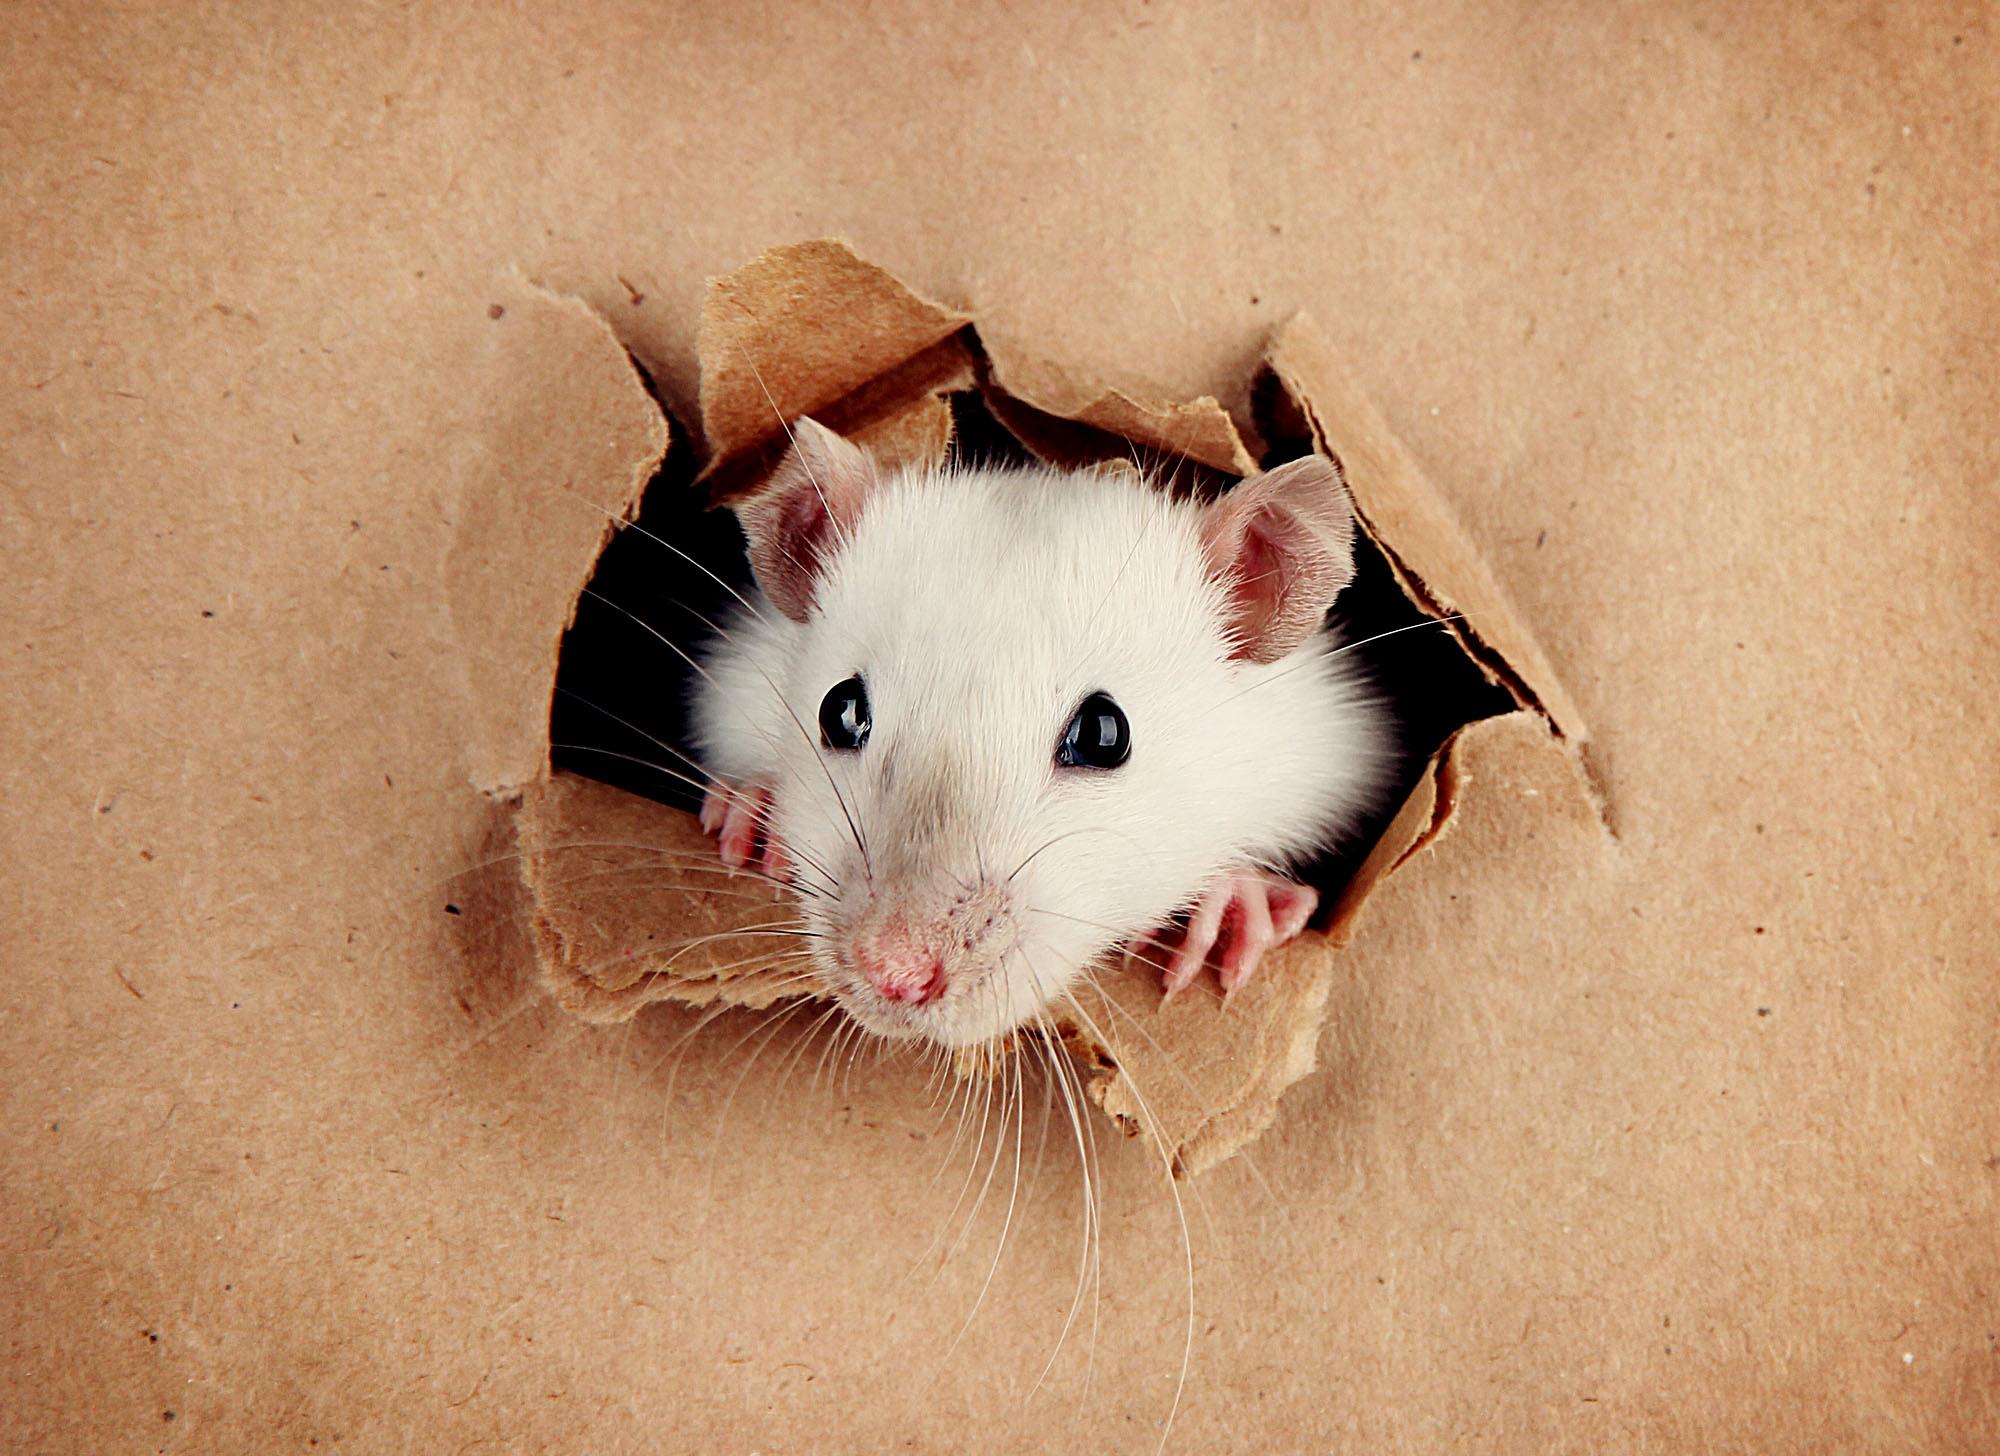 Юбилей для, крысы смешные картинки